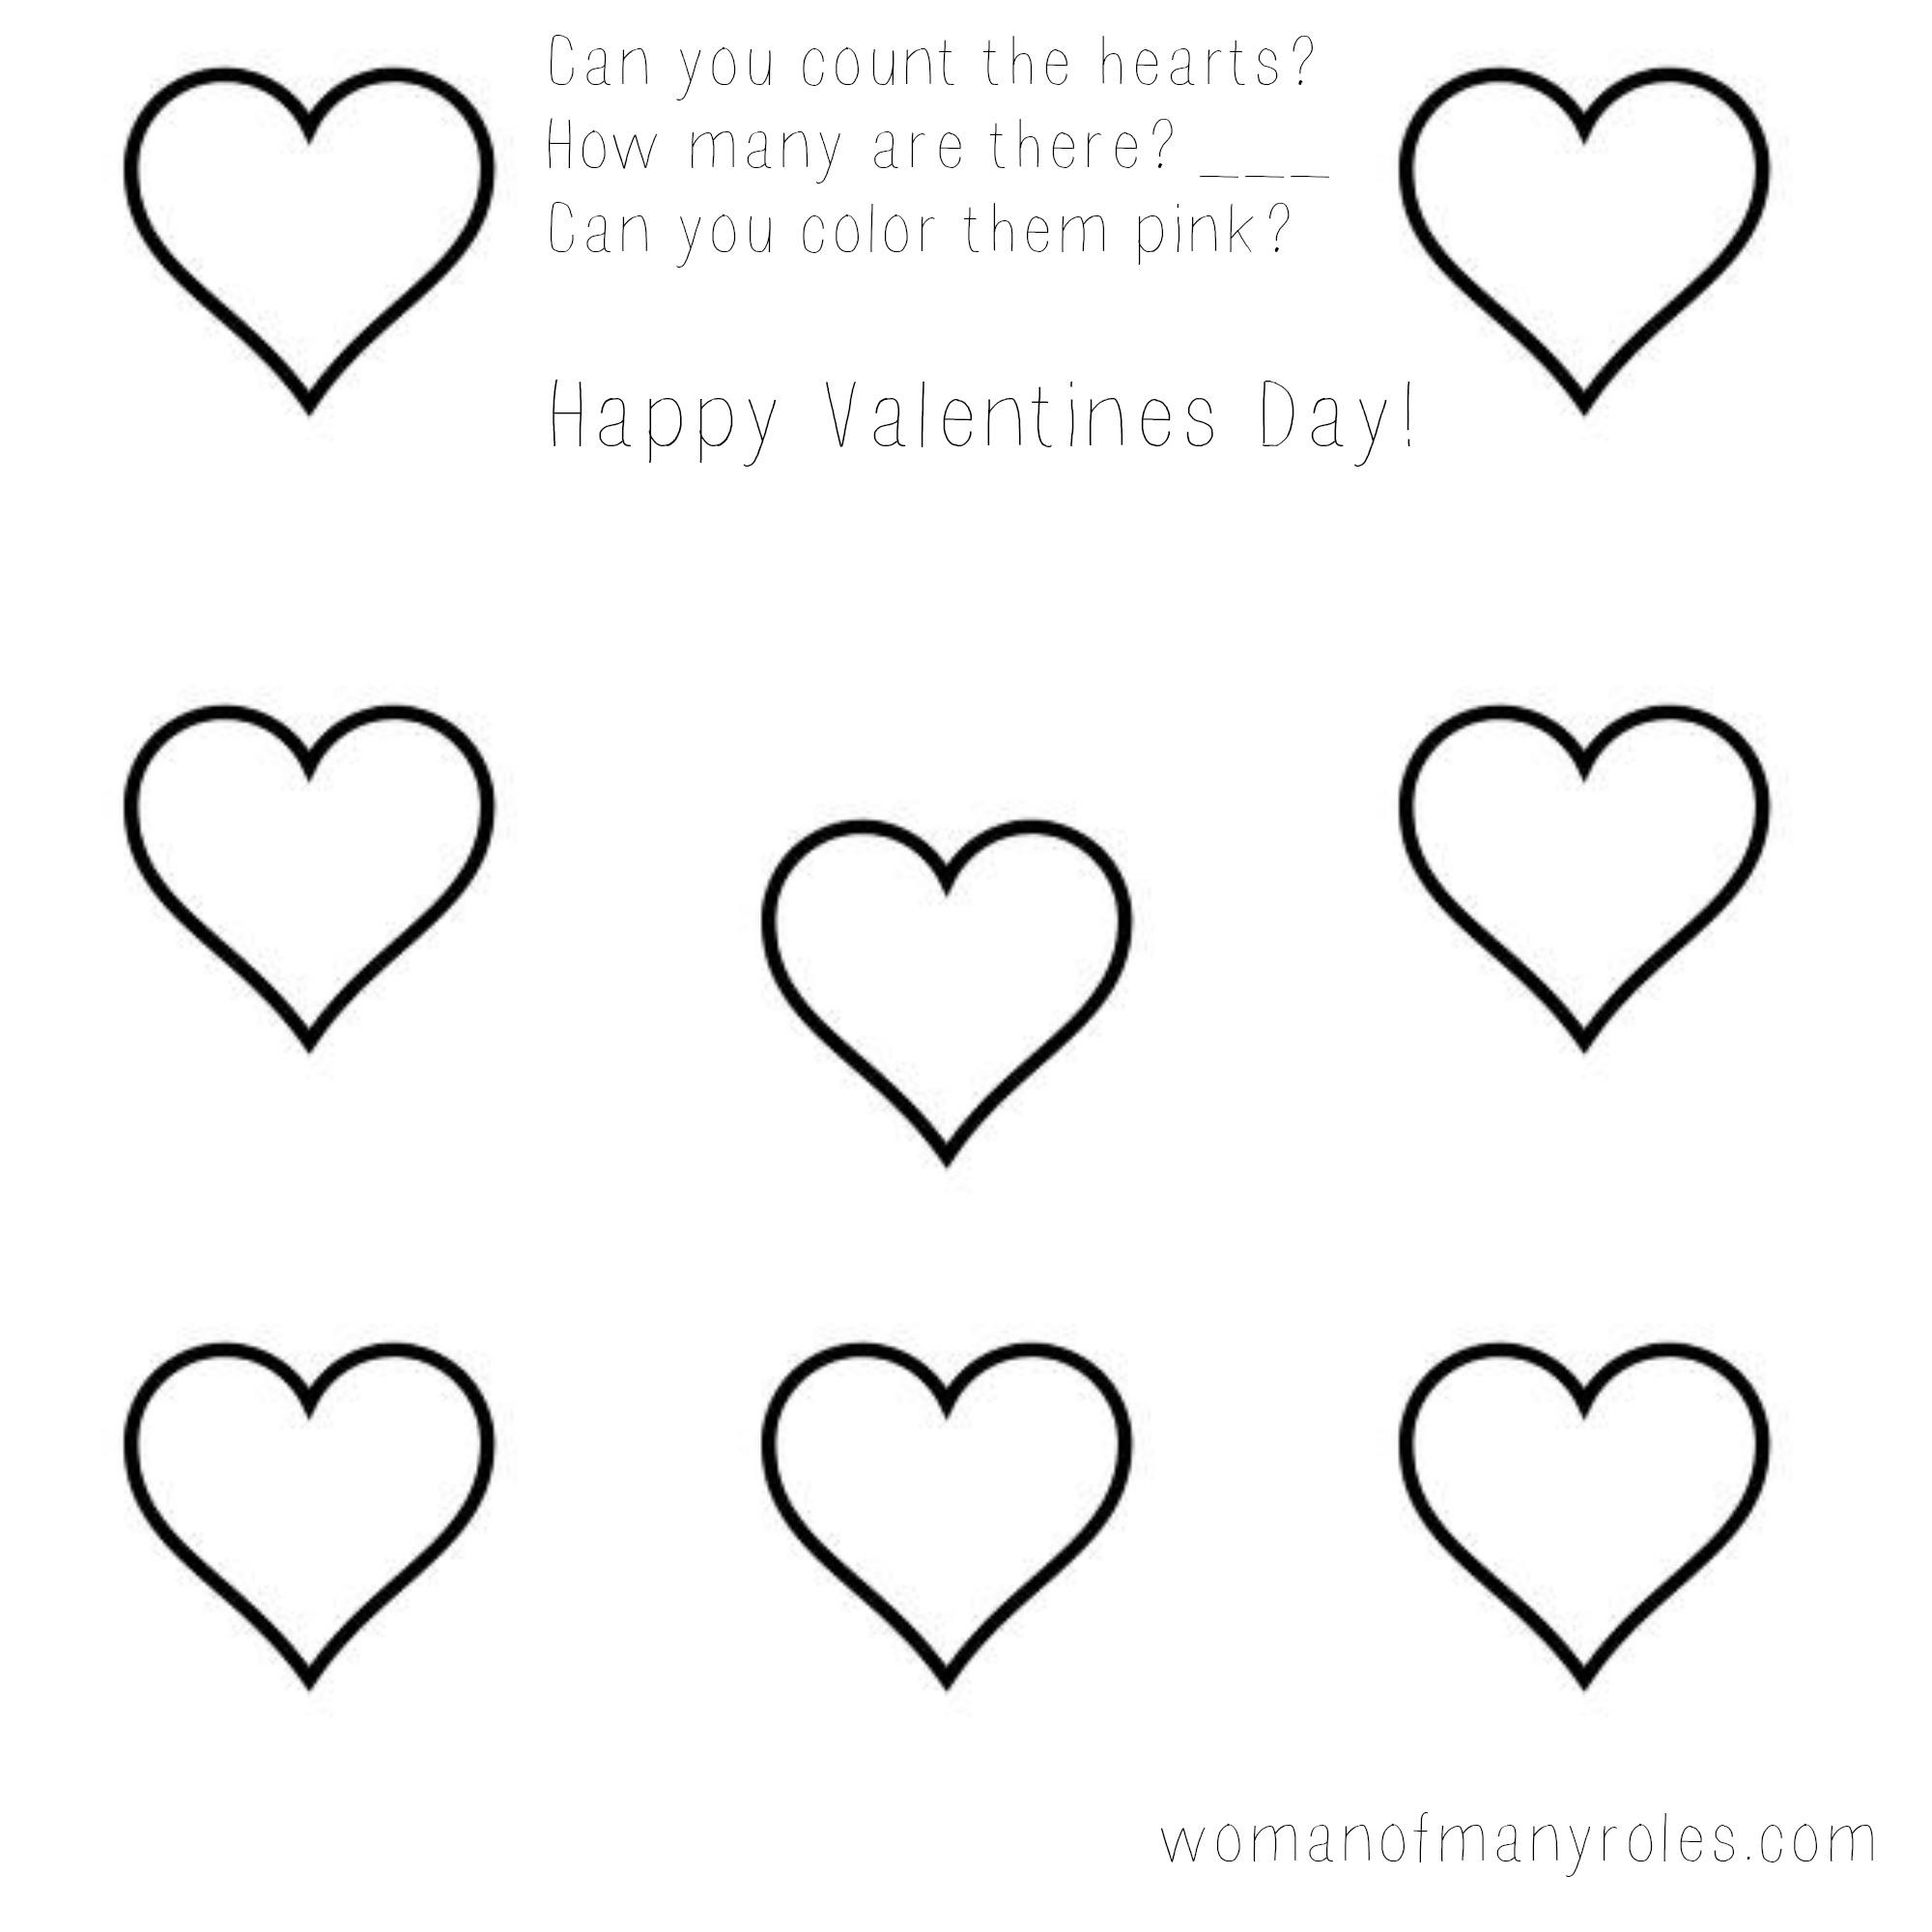 Heart Counting Printable Preschool Worksheet : Woman Of Many Roles | Free Printable Preschool Valentine Worksheets